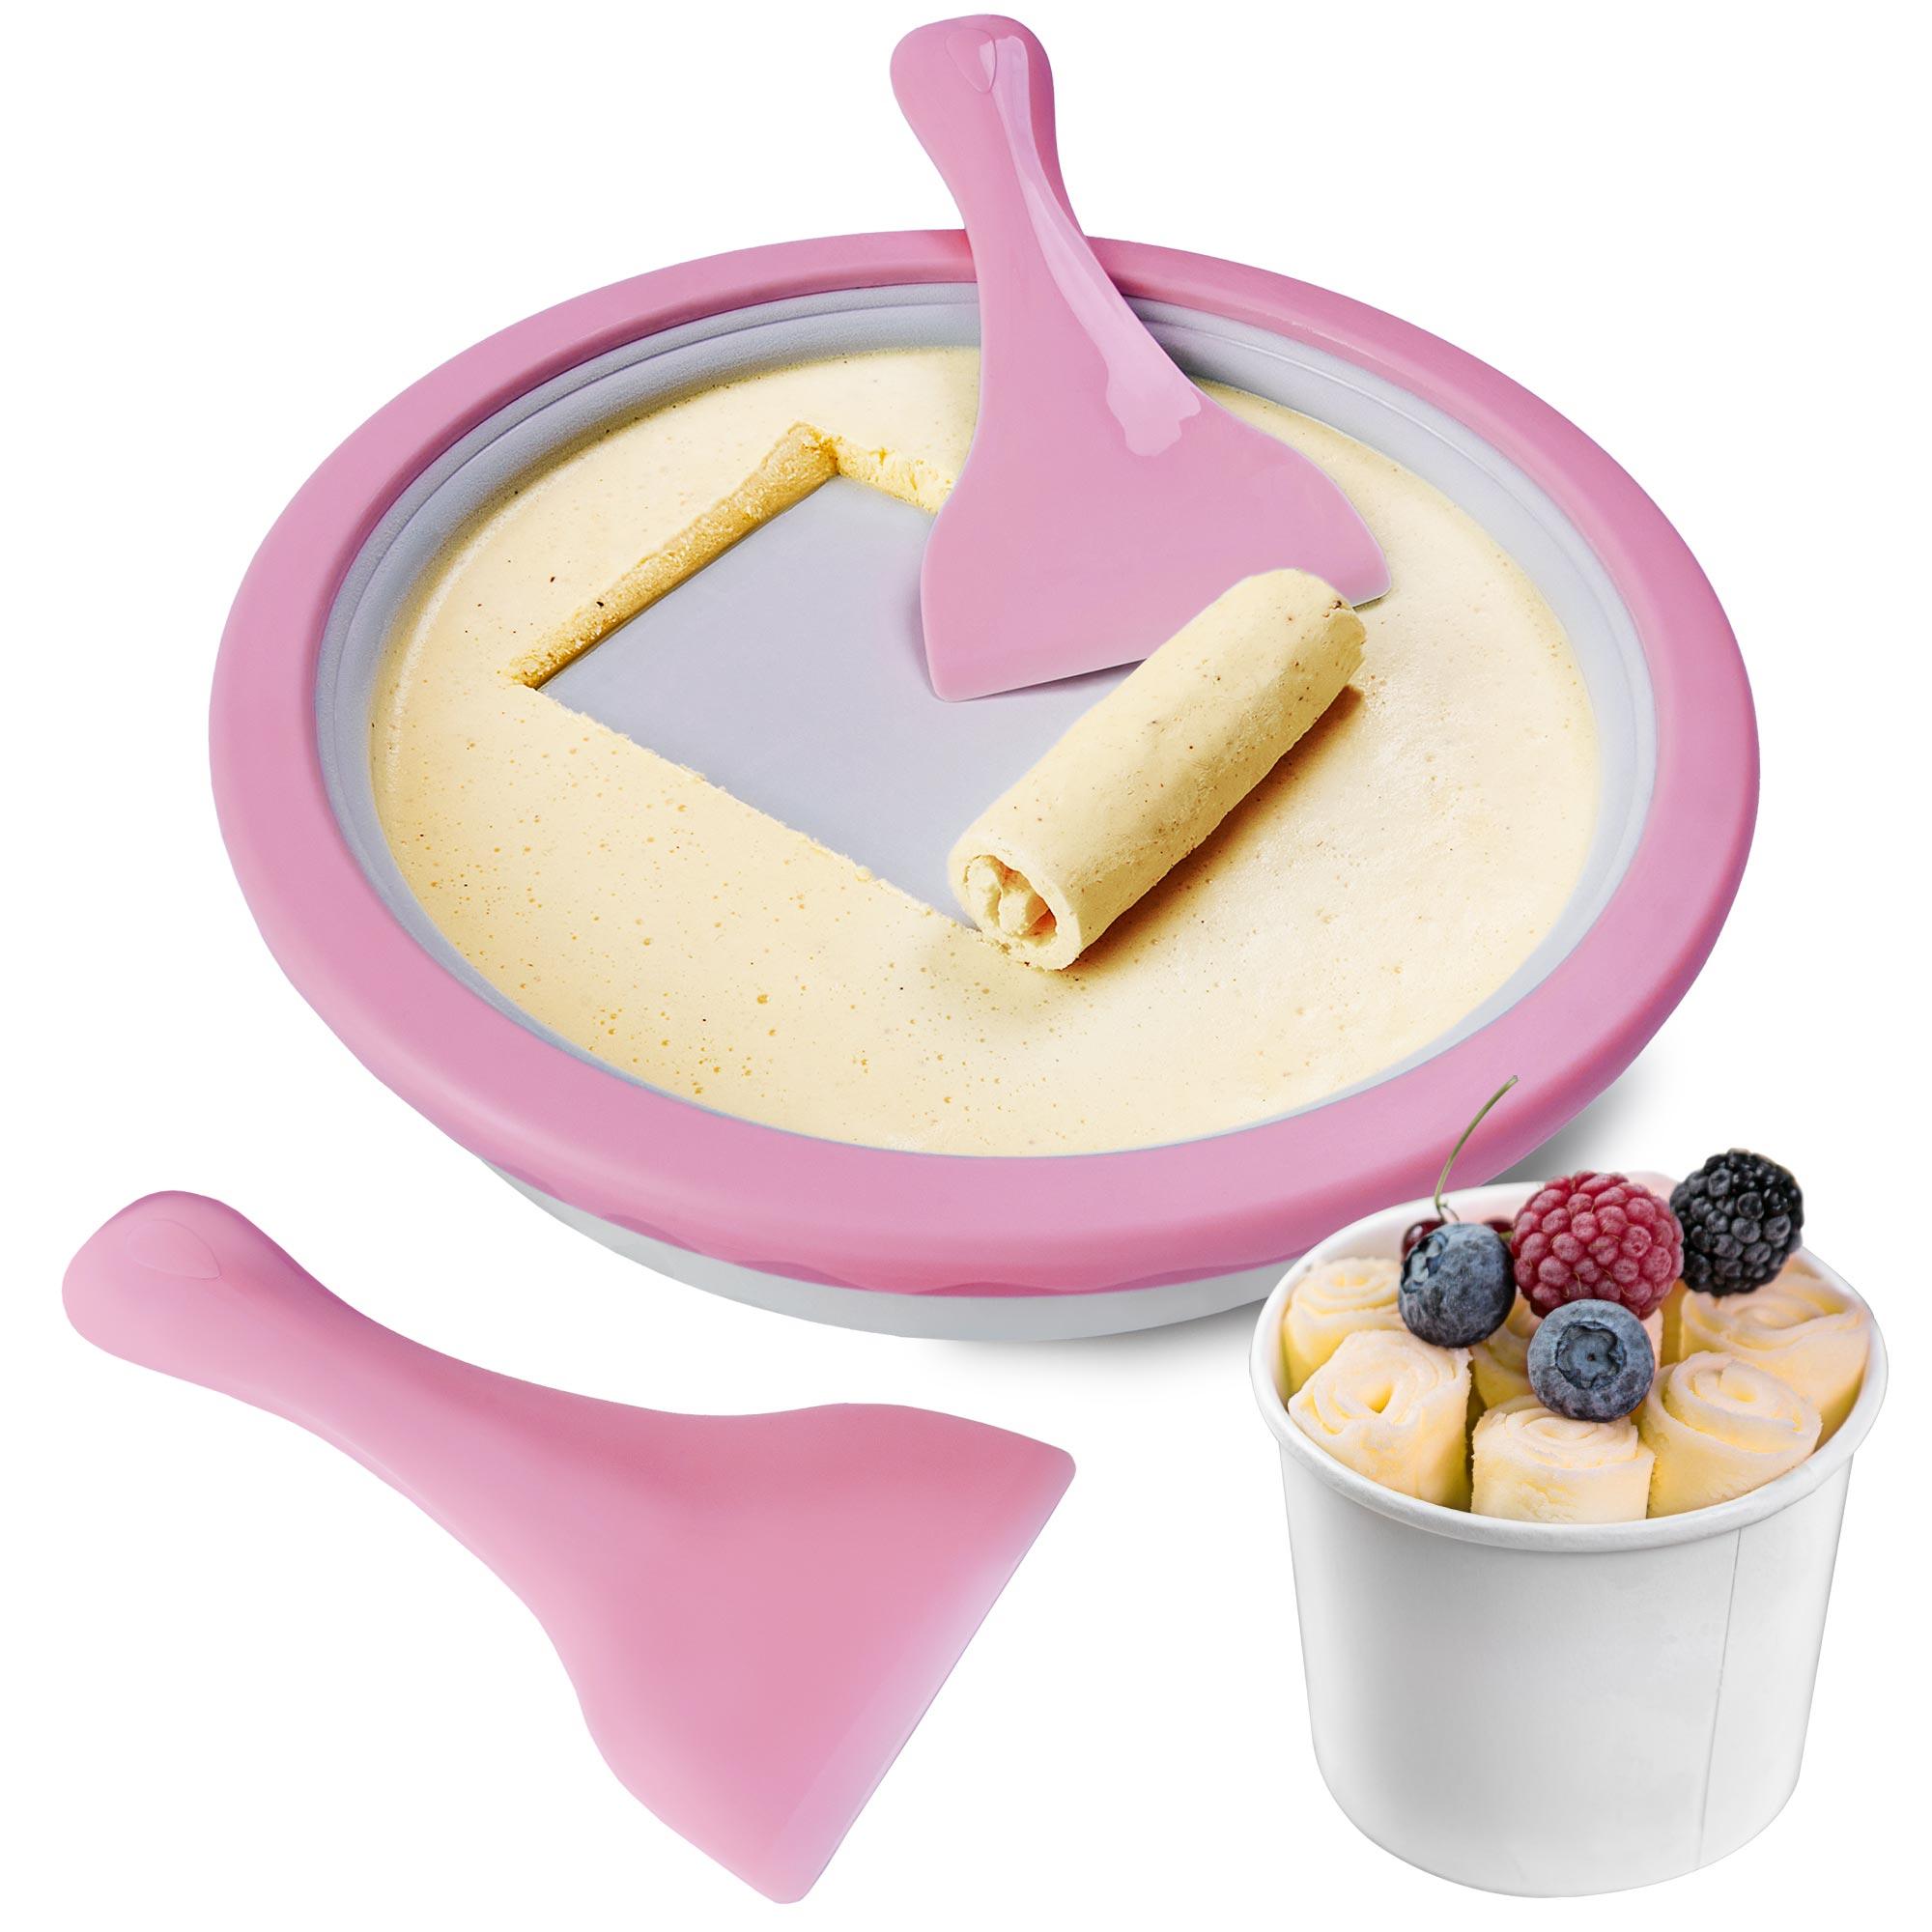 Gerolltes Eis selber machen - Ice Rolls DIY Set - 3